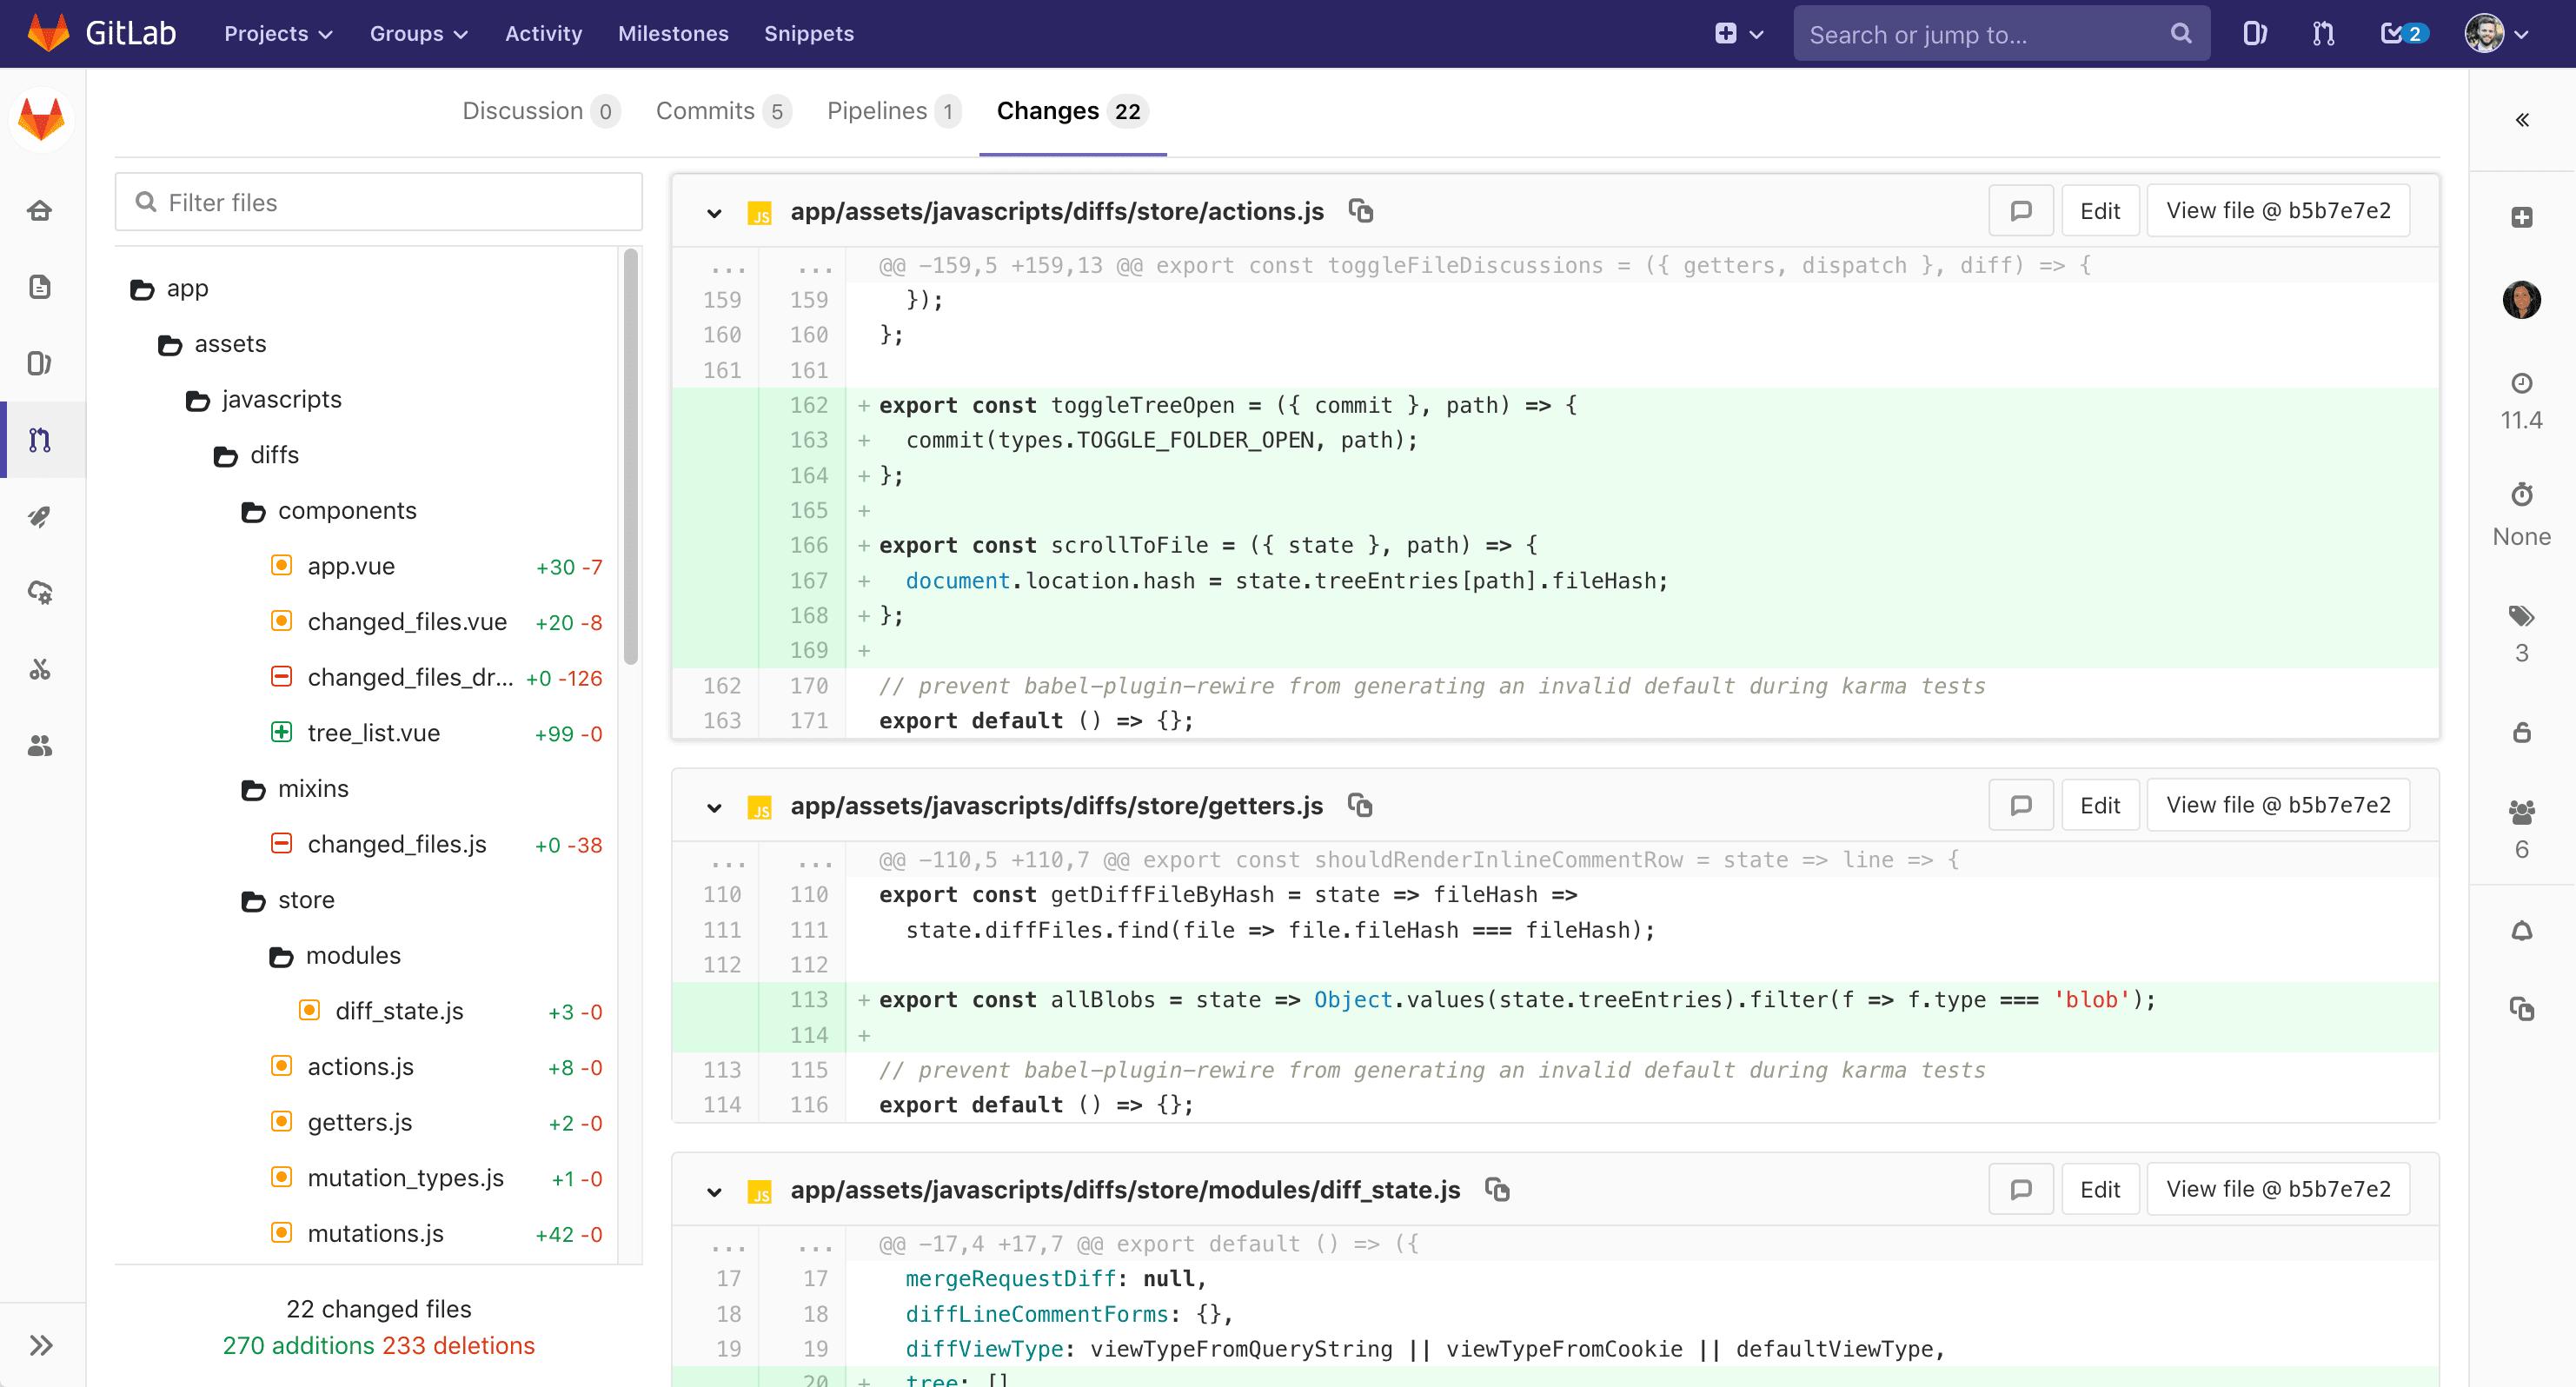 Новый выпуск GitLab 11.4 с рецензированием запросов слияния и флажками функций - 4